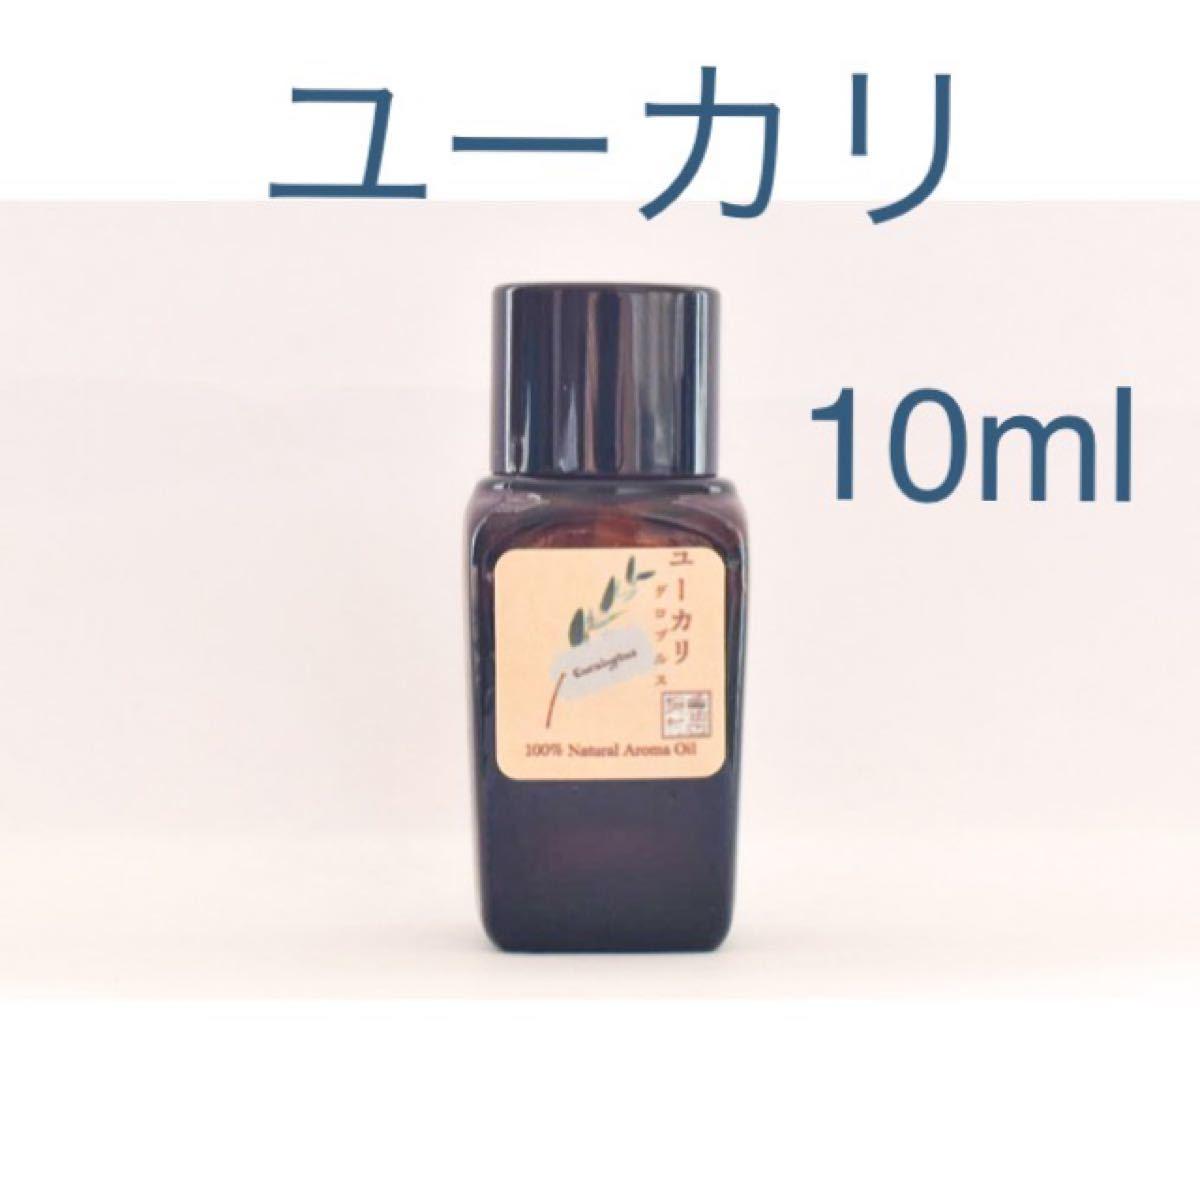 ユーカリ 10ml アロマ用精油 エッセンシャルオイル